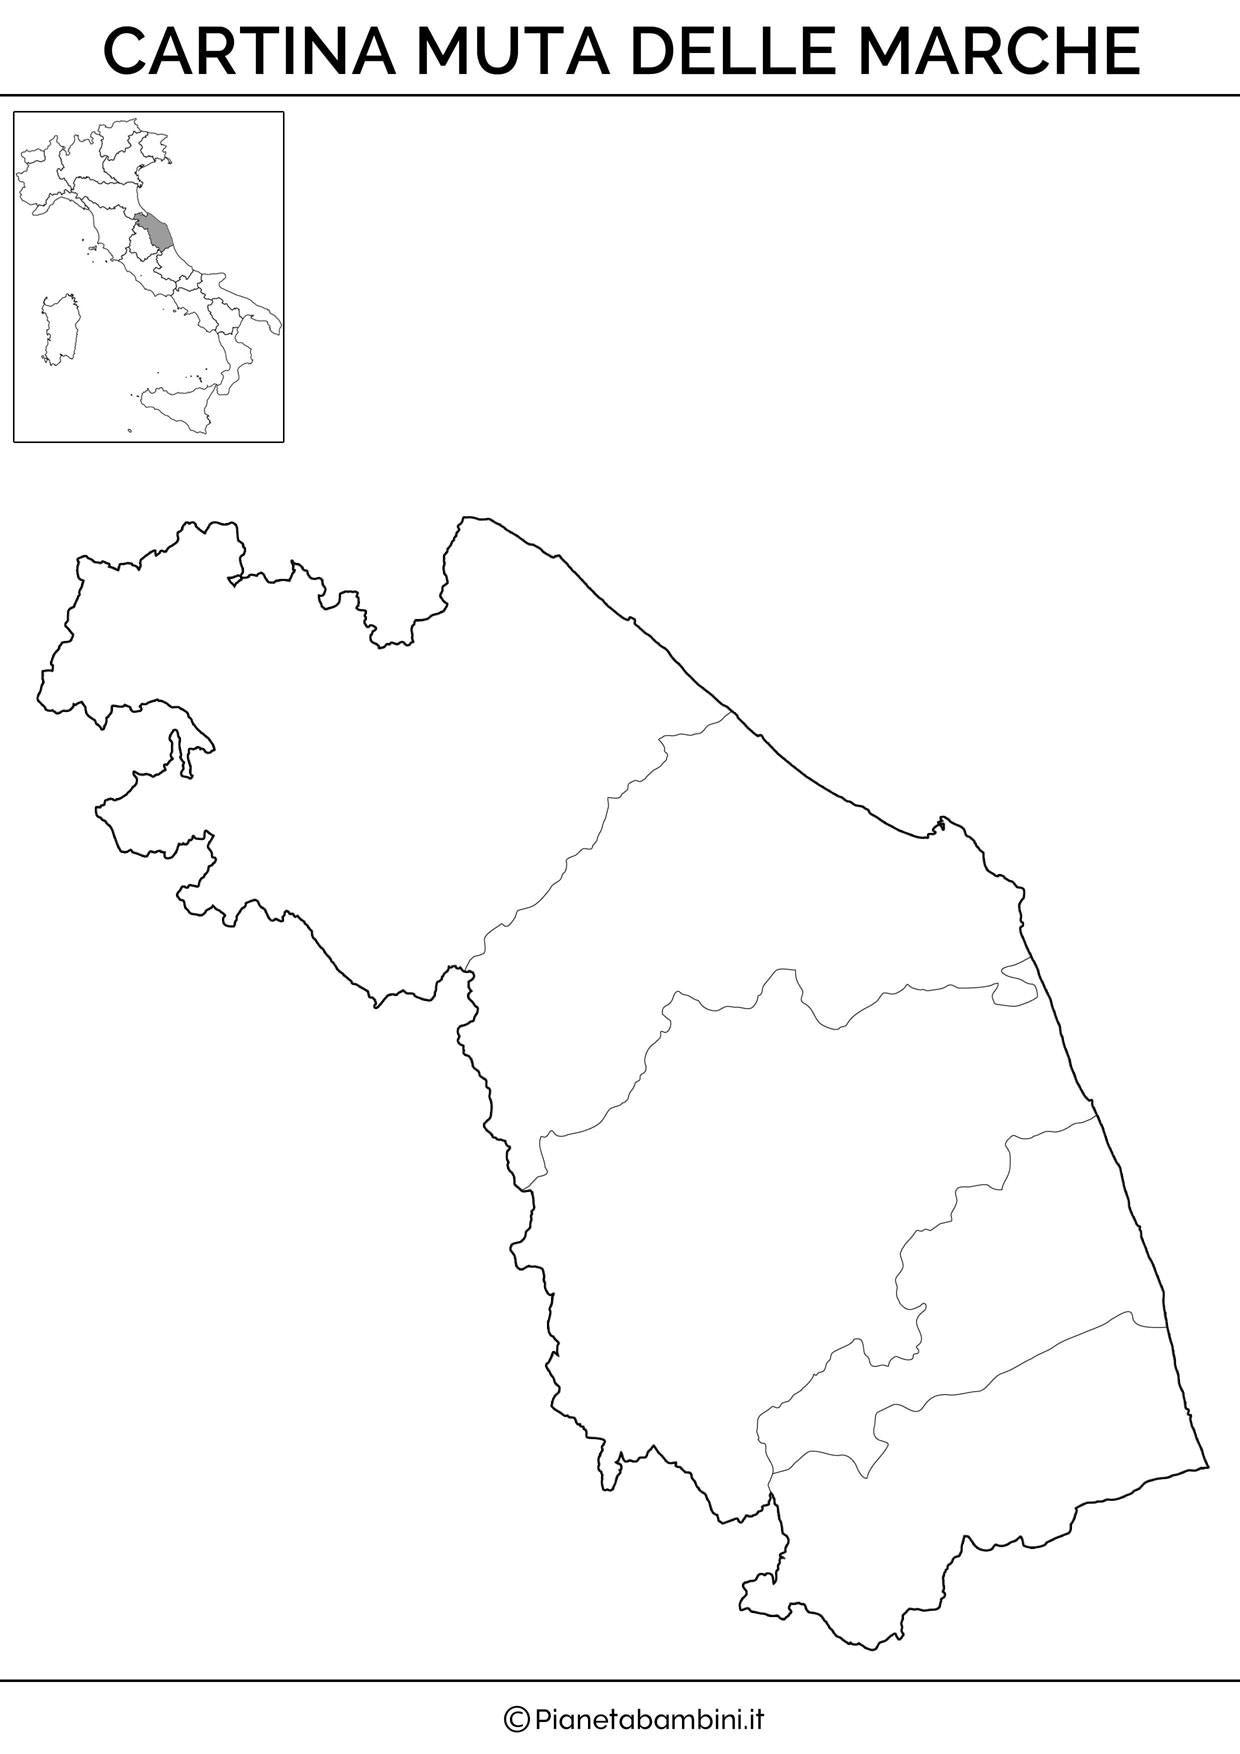 Cartina Fisica Lazio Da Stampare.Cartina Muta Fisica E Politica Delle Marche Da Stampare